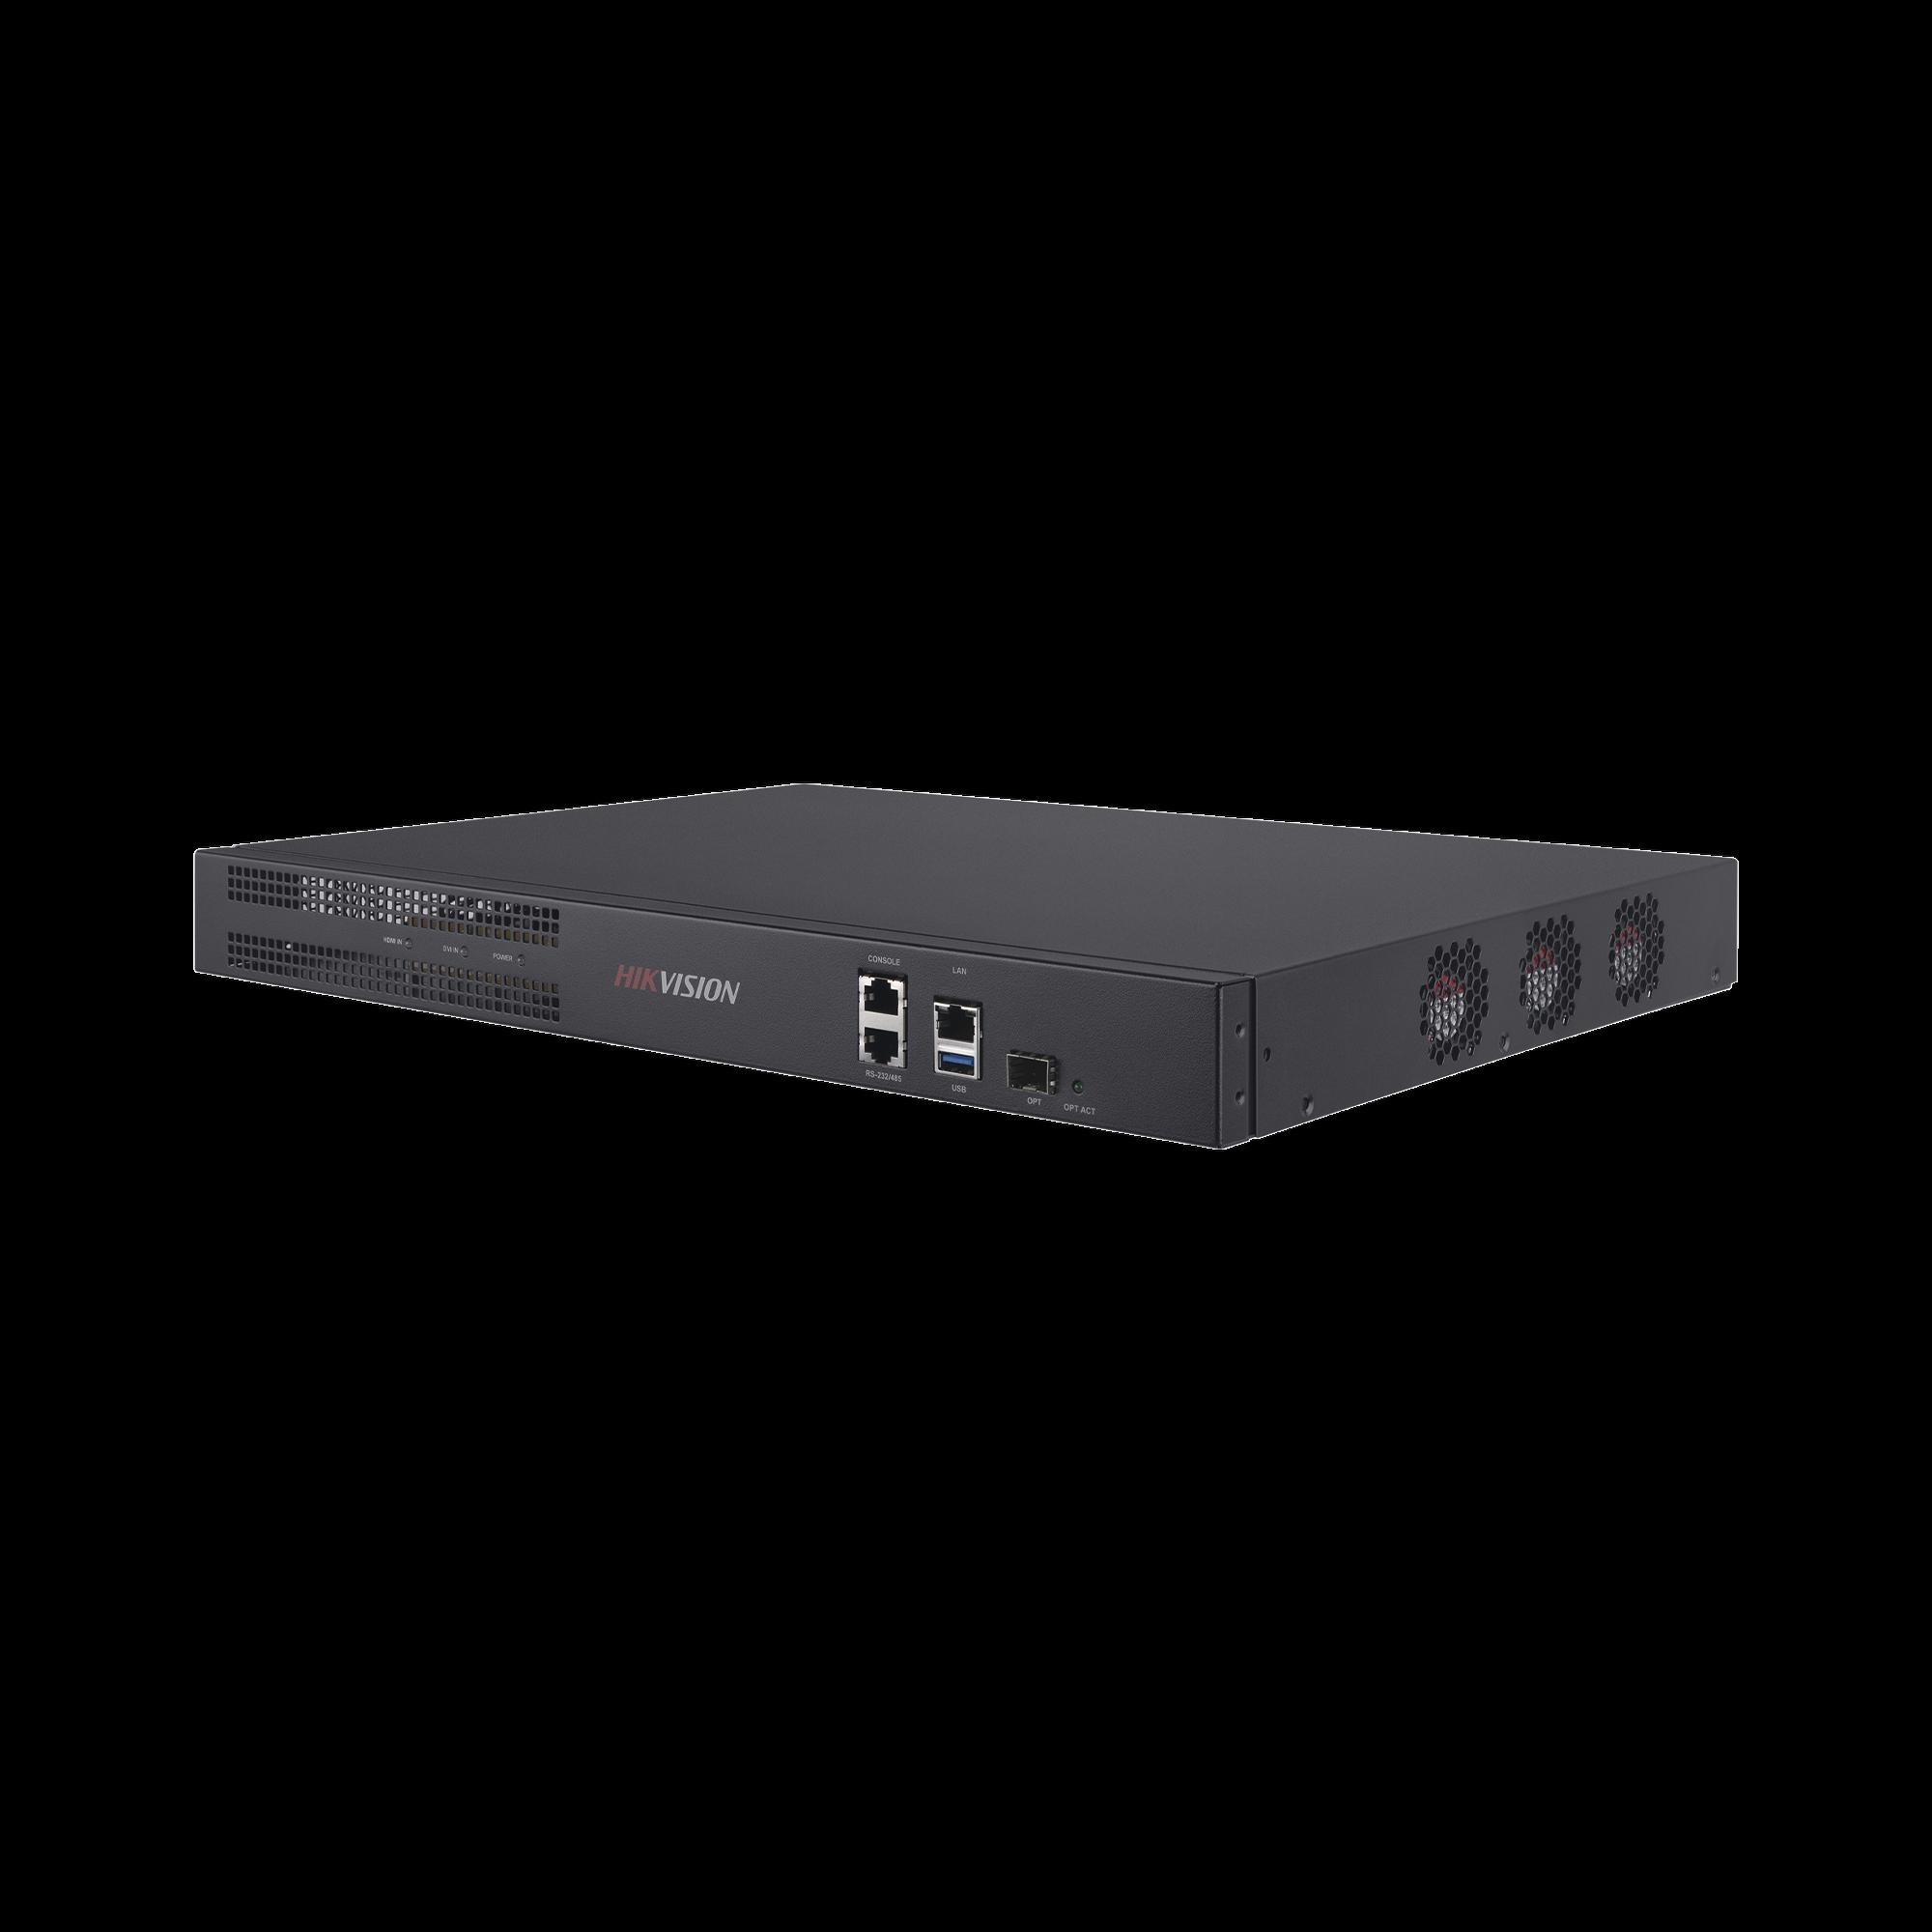 Decodificador de Vídeo de 4 canales con salida 4K / 4 Salidas HDMI / Soporta hasta 36 canales de Vídeo Simultáneos / Videowall